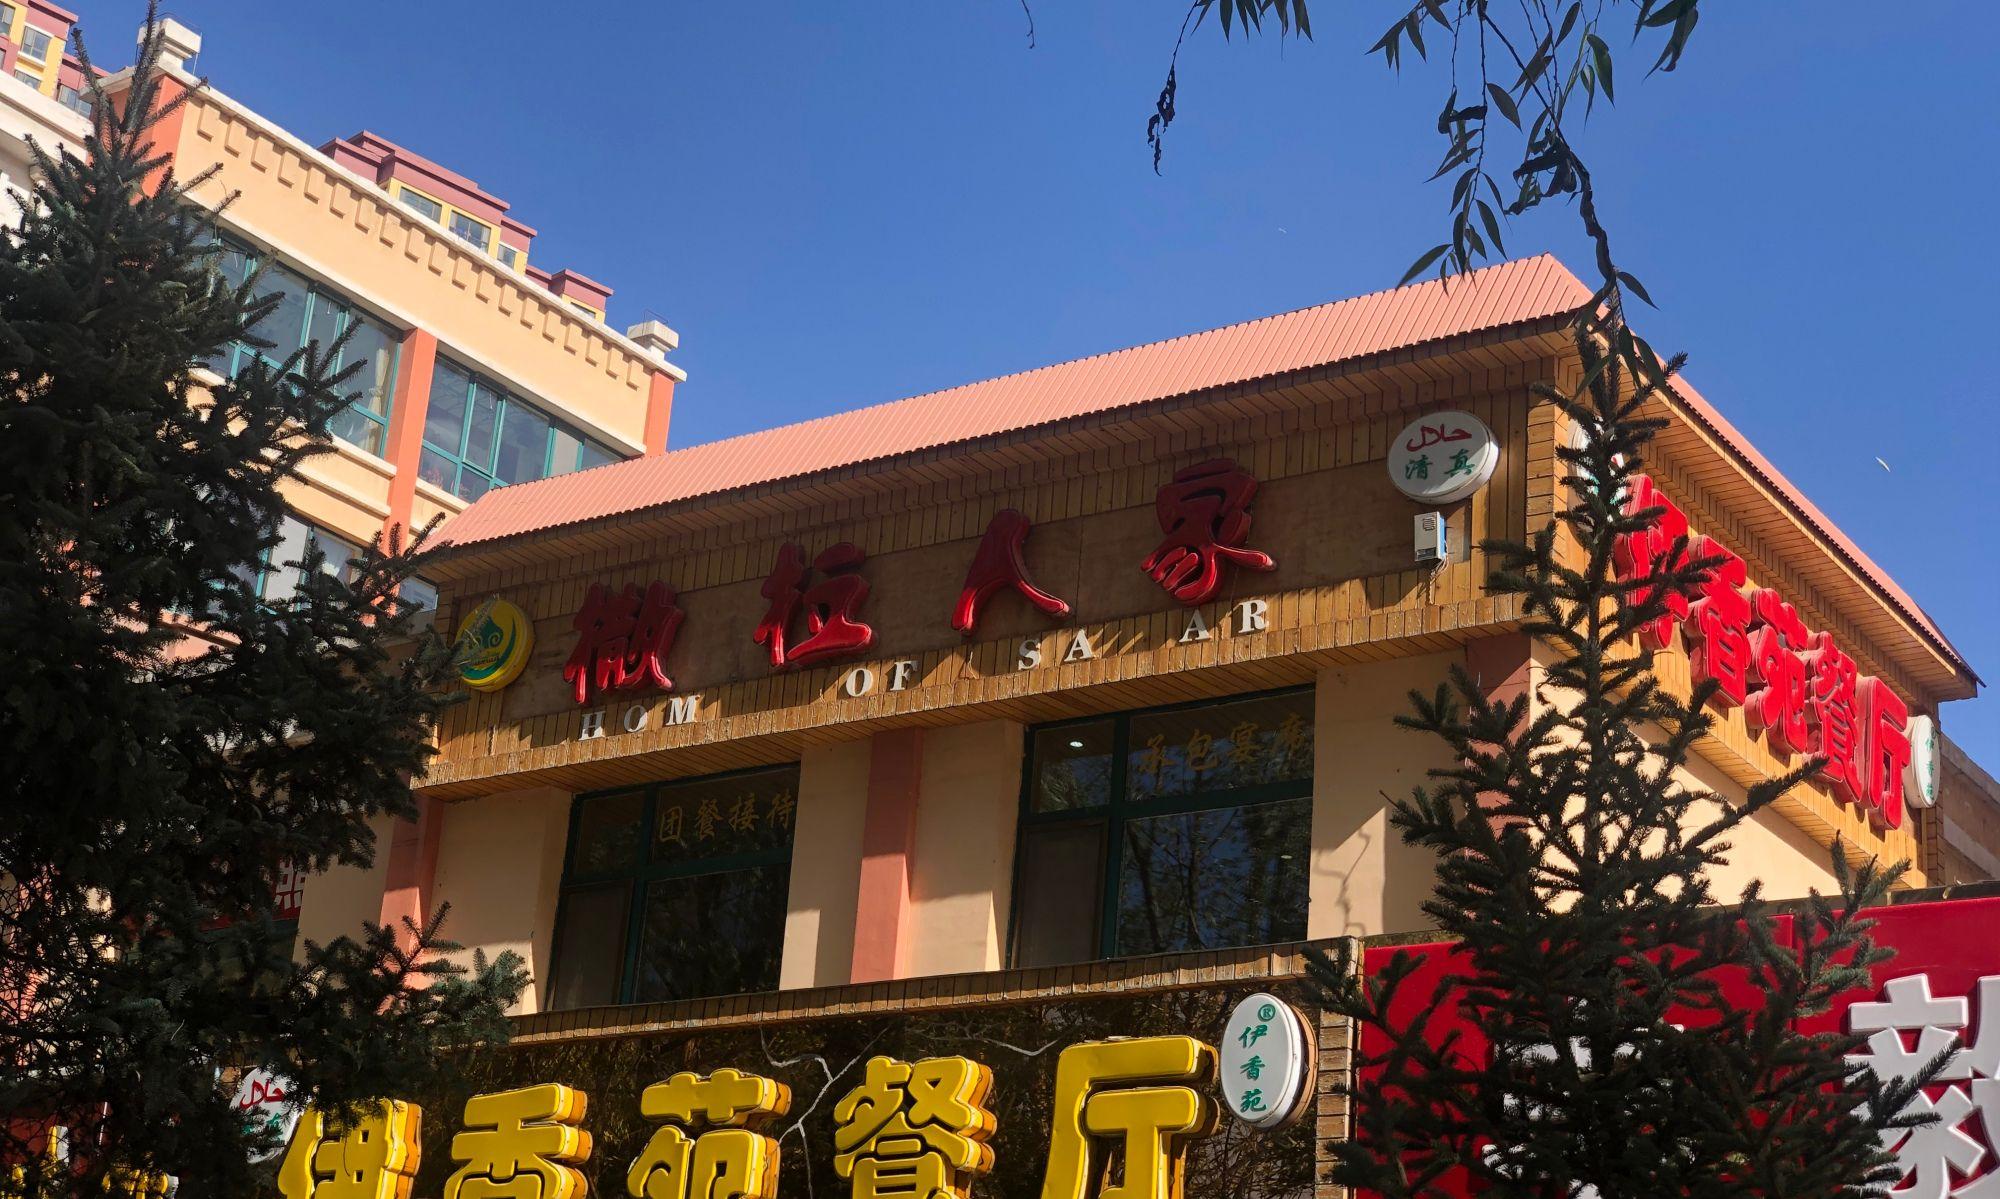 青海西宁,路边找家餐厅吃午餐,美味且量足。游客:太便宜了